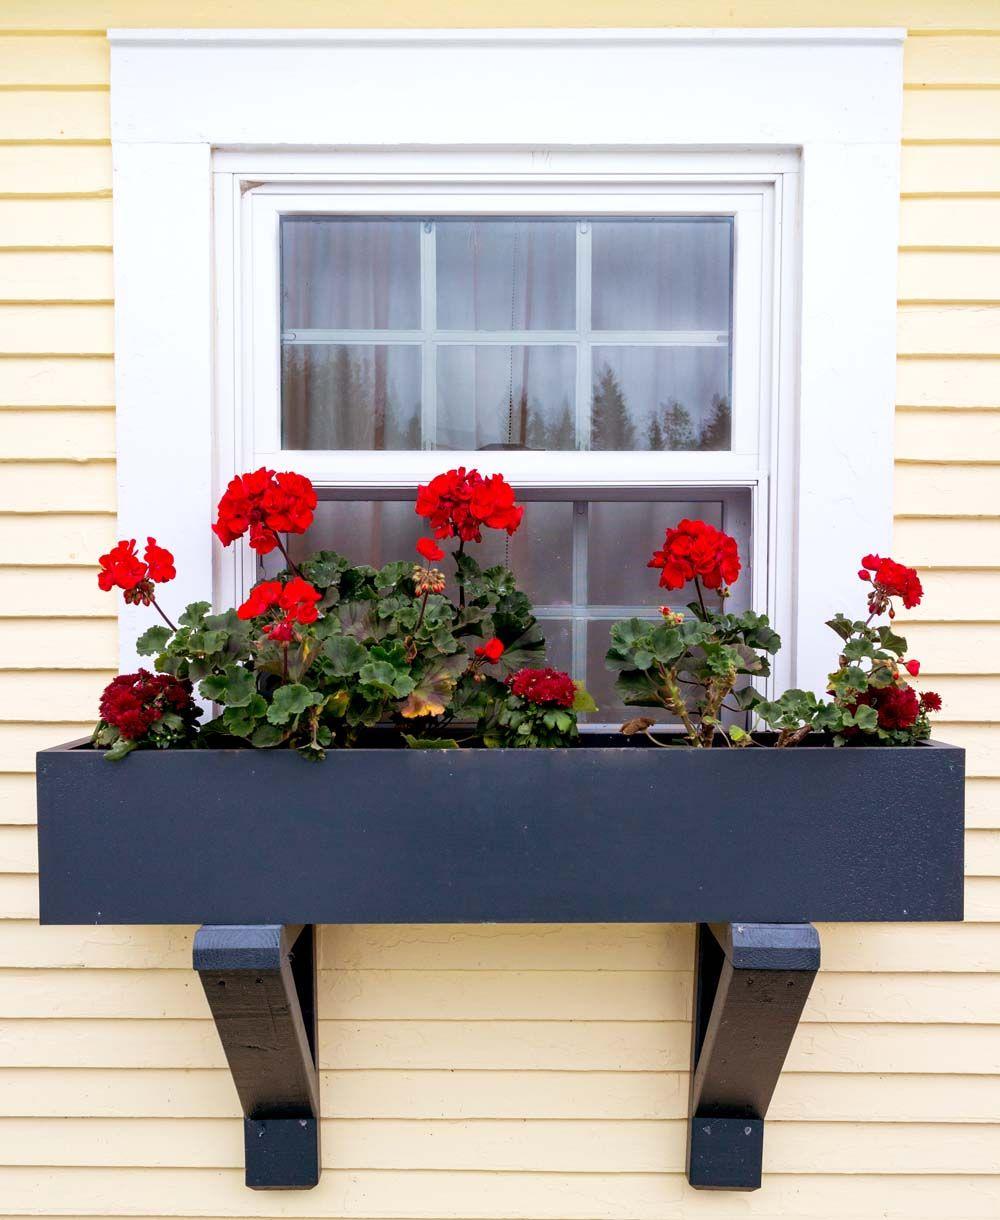 Diy how to install vinyl siding - Installing Window Boxes On Vinyl Siding Diy Window Box Plans For Installation Curbappeal